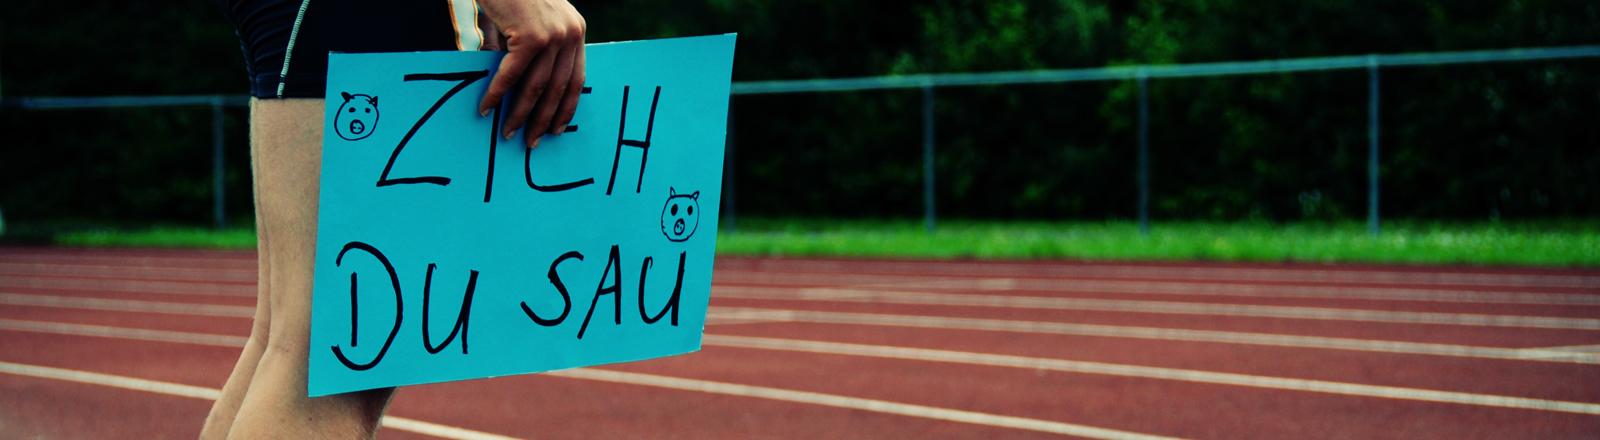 """Ein Mann steht an einer Tartan-Rennbahn und hält ein Schild in der Hand mit der Aufschrift: """"Zieh, du Sau"""" (lama-photography / photocase.de)."""